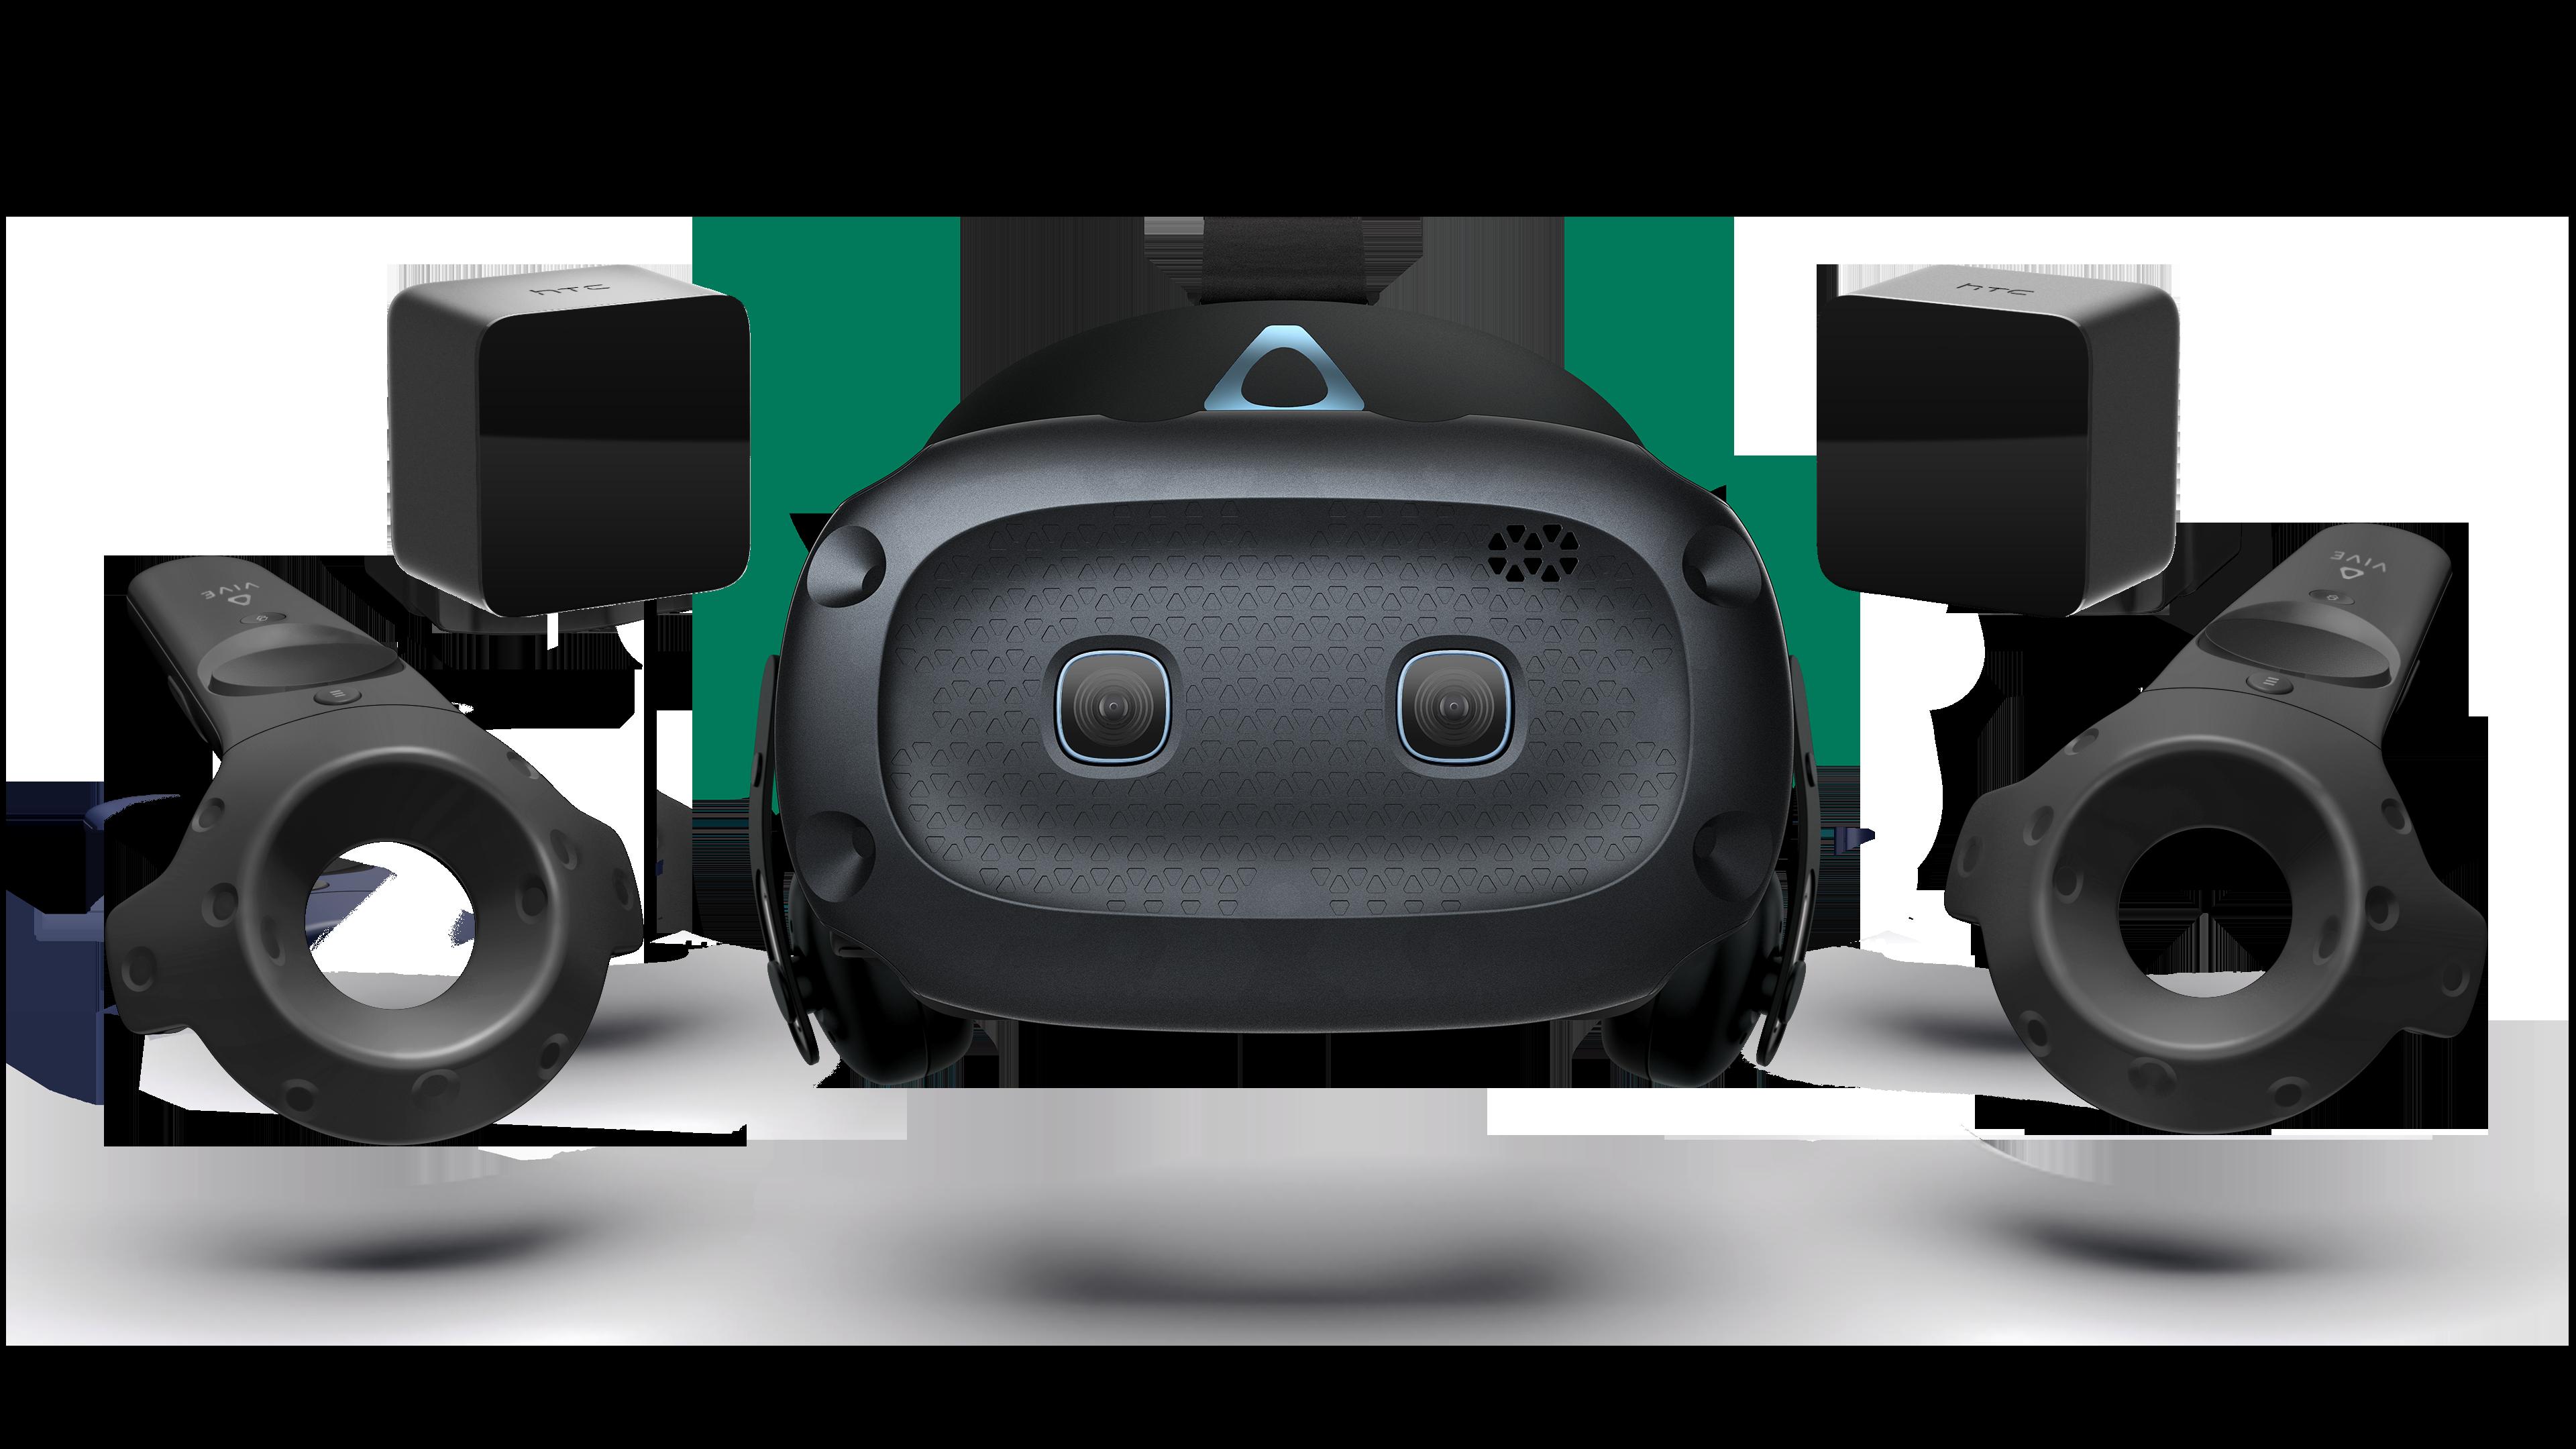 提升可拓展性,Vive发布Cosmos系列4款新头显